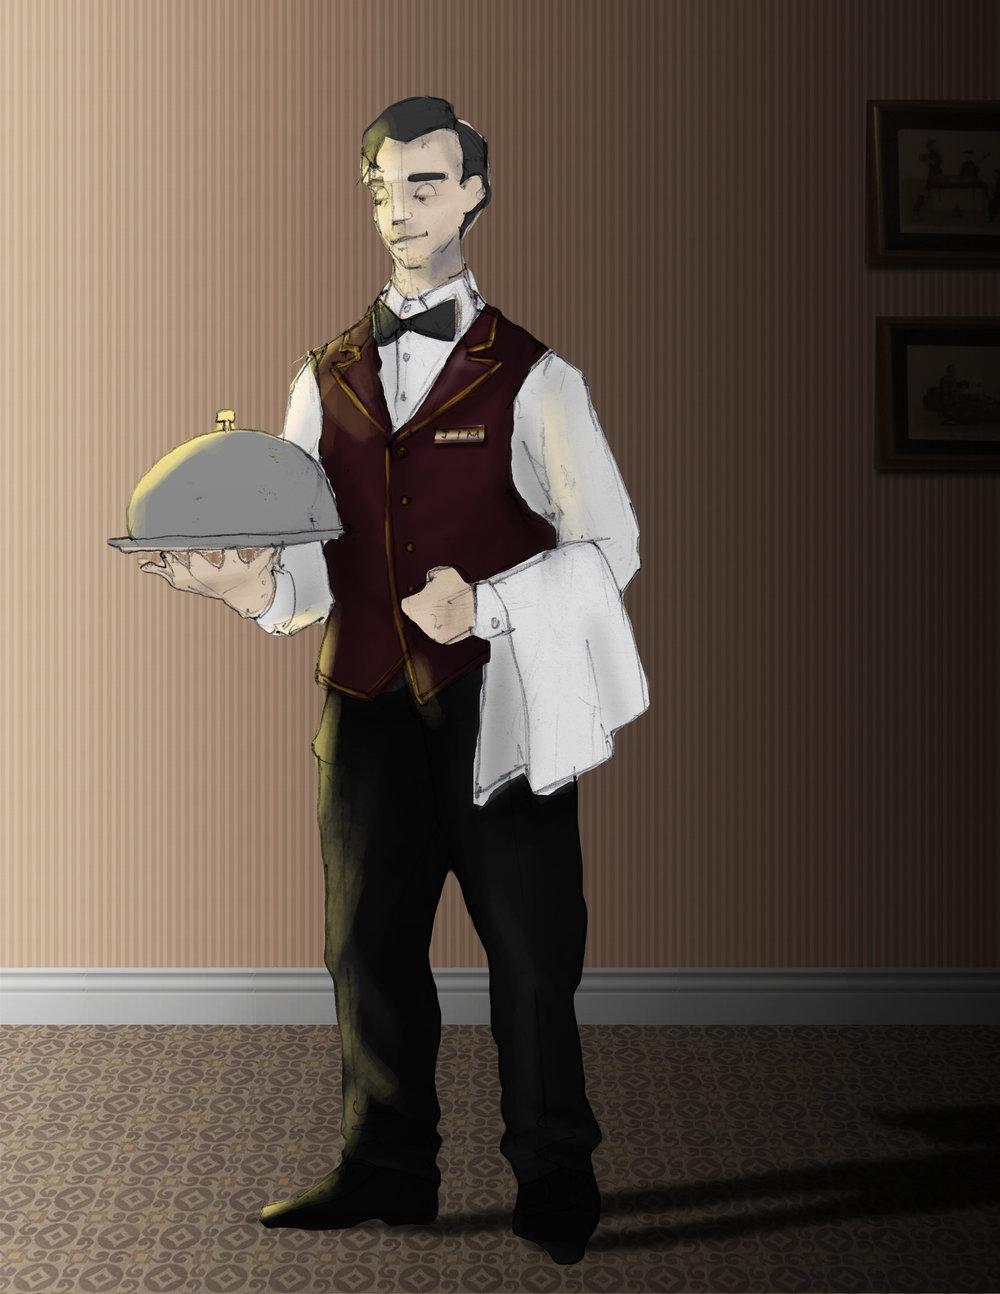 Costume sketch for the Gentleman Caller